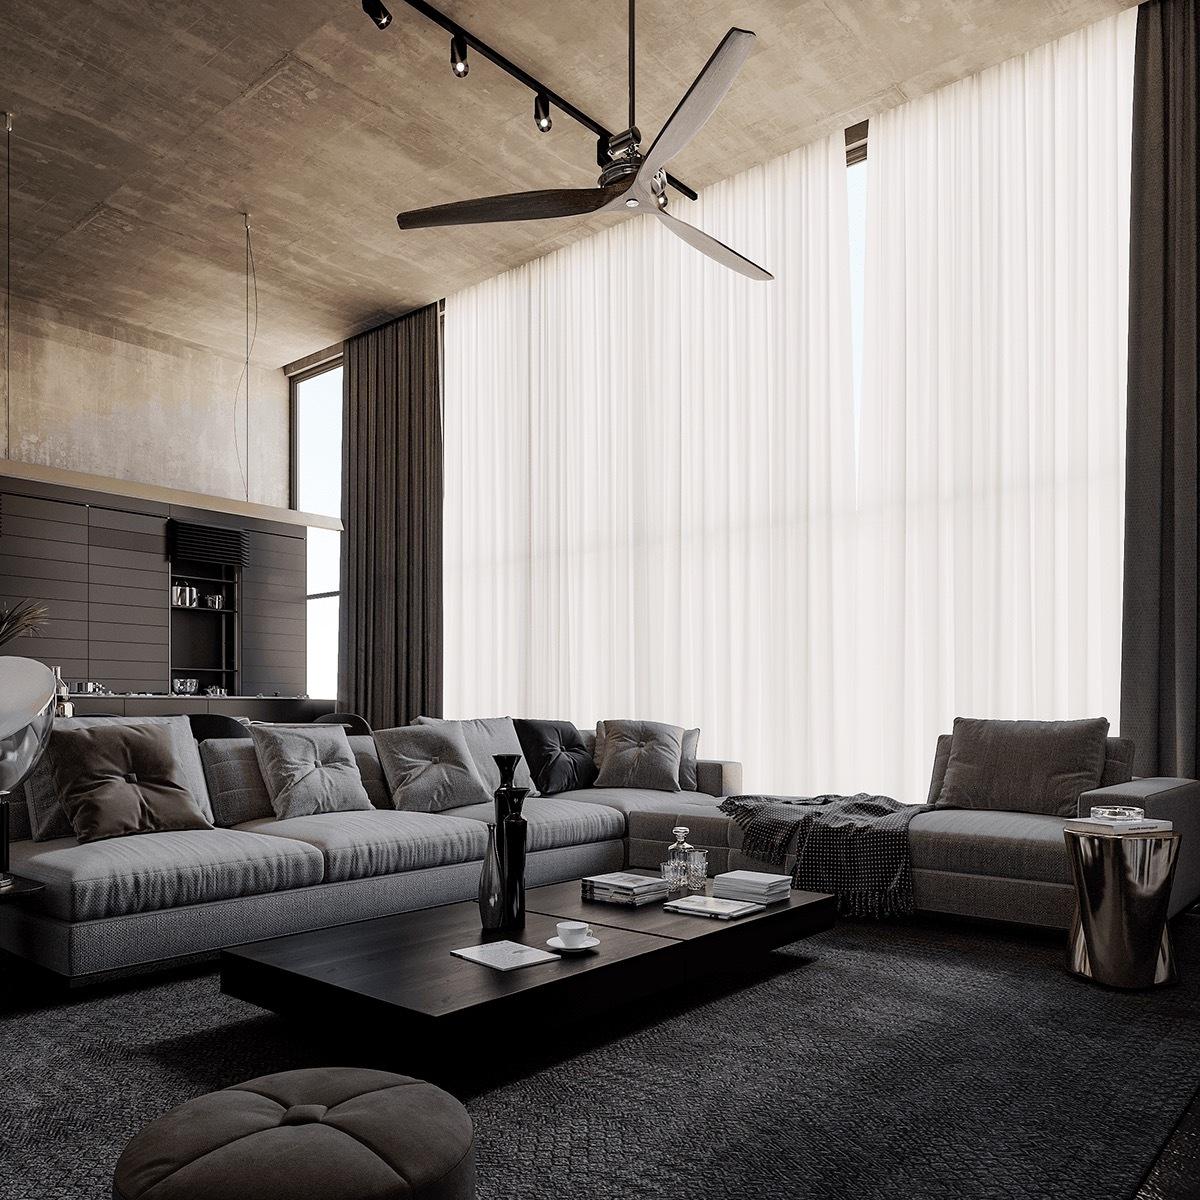 水泥灰的时尚,简约高级 汕头室内设计/潮阳揭阳普宁潮州室内设计